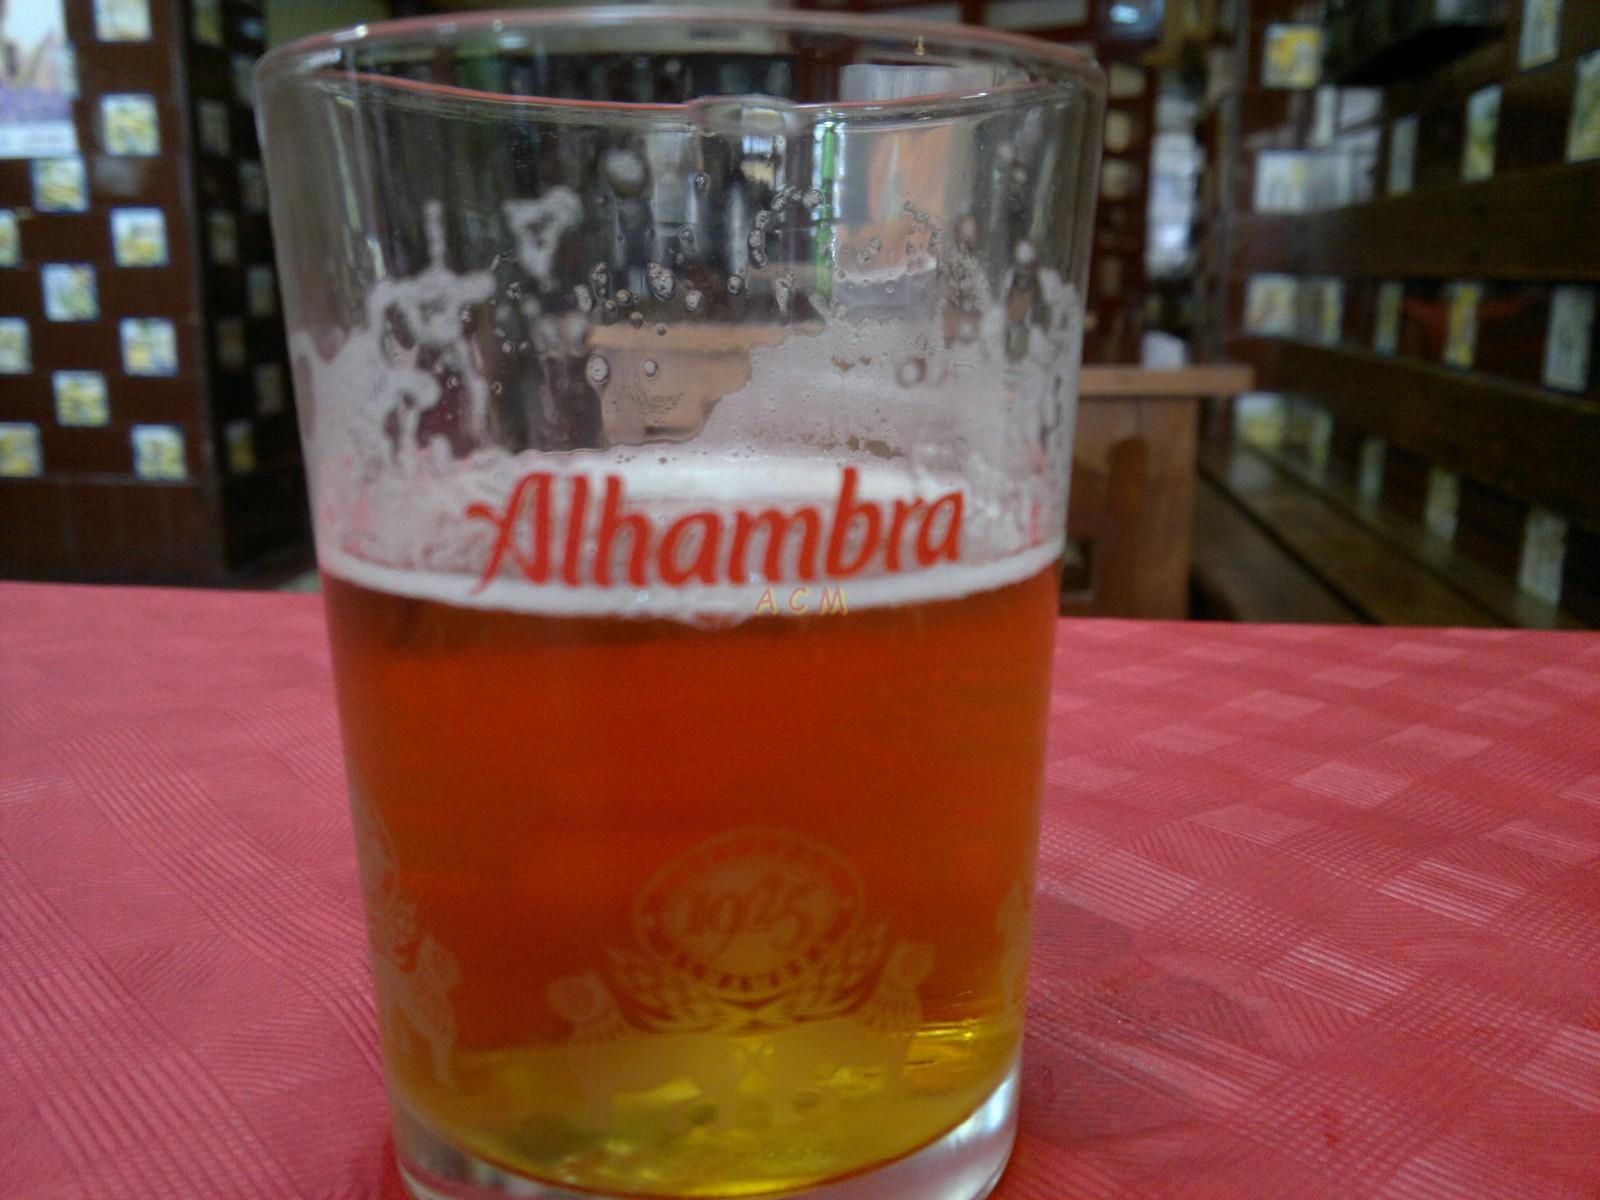 cerveza-alhambra-24032011282